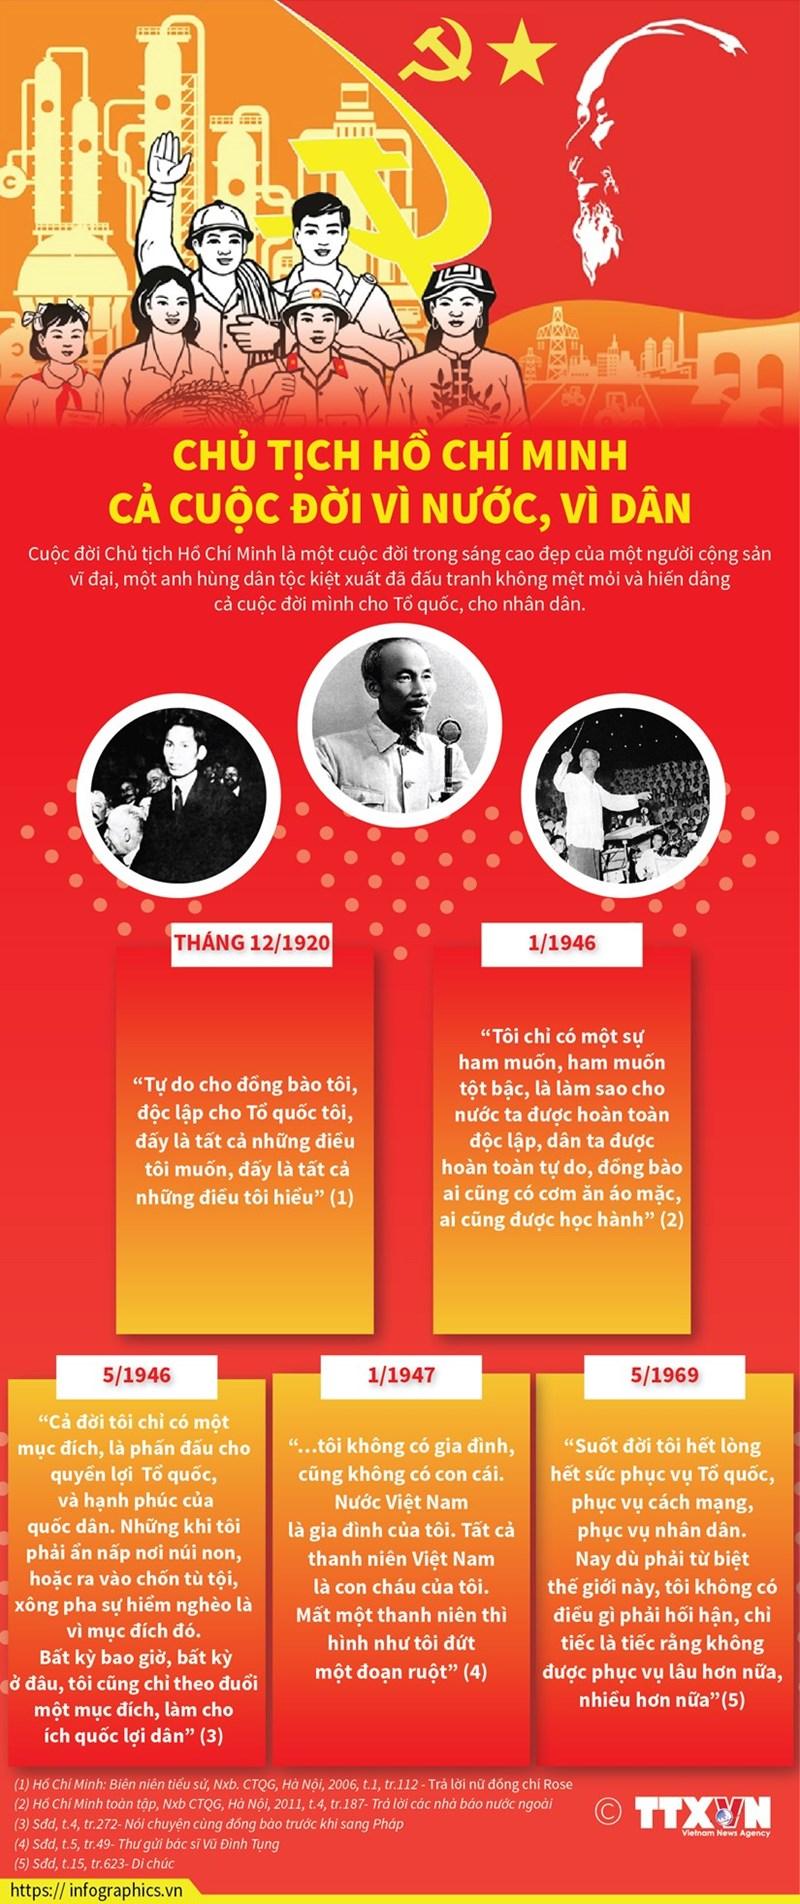 [Infographics] Chủ tịch Hồ Chí Minh - Cả cuộc đời vì nước, vì dân - Ảnh 1